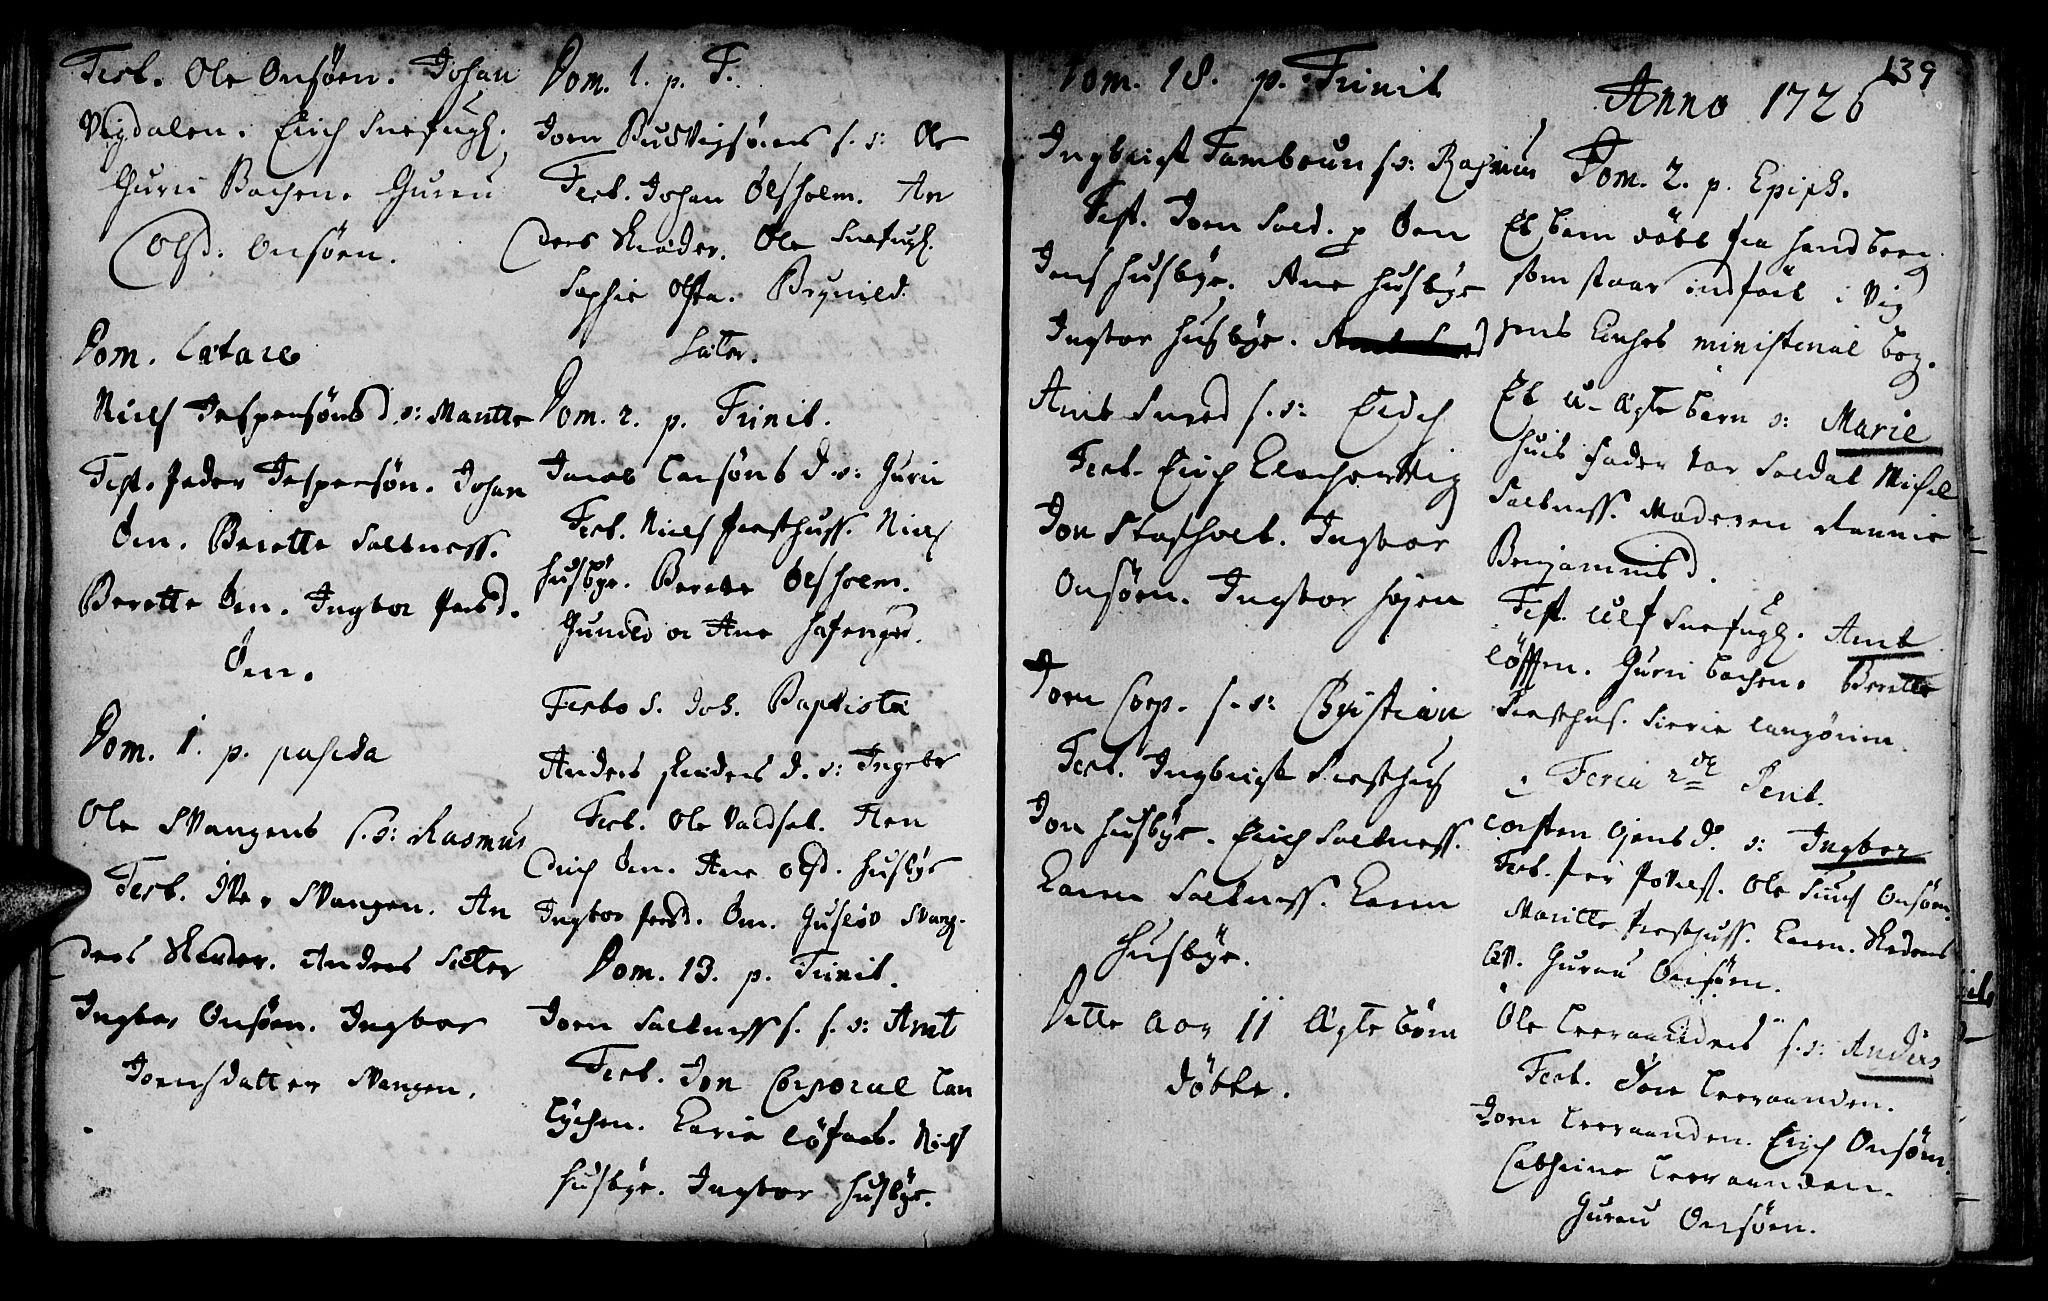 SAT, Ministerialprotokoller, klokkerbøker og fødselsregistre - Sør-Trøndelag, 666/L0783: Ministerialbok nr. 666A01, 1702-1753, s. 139